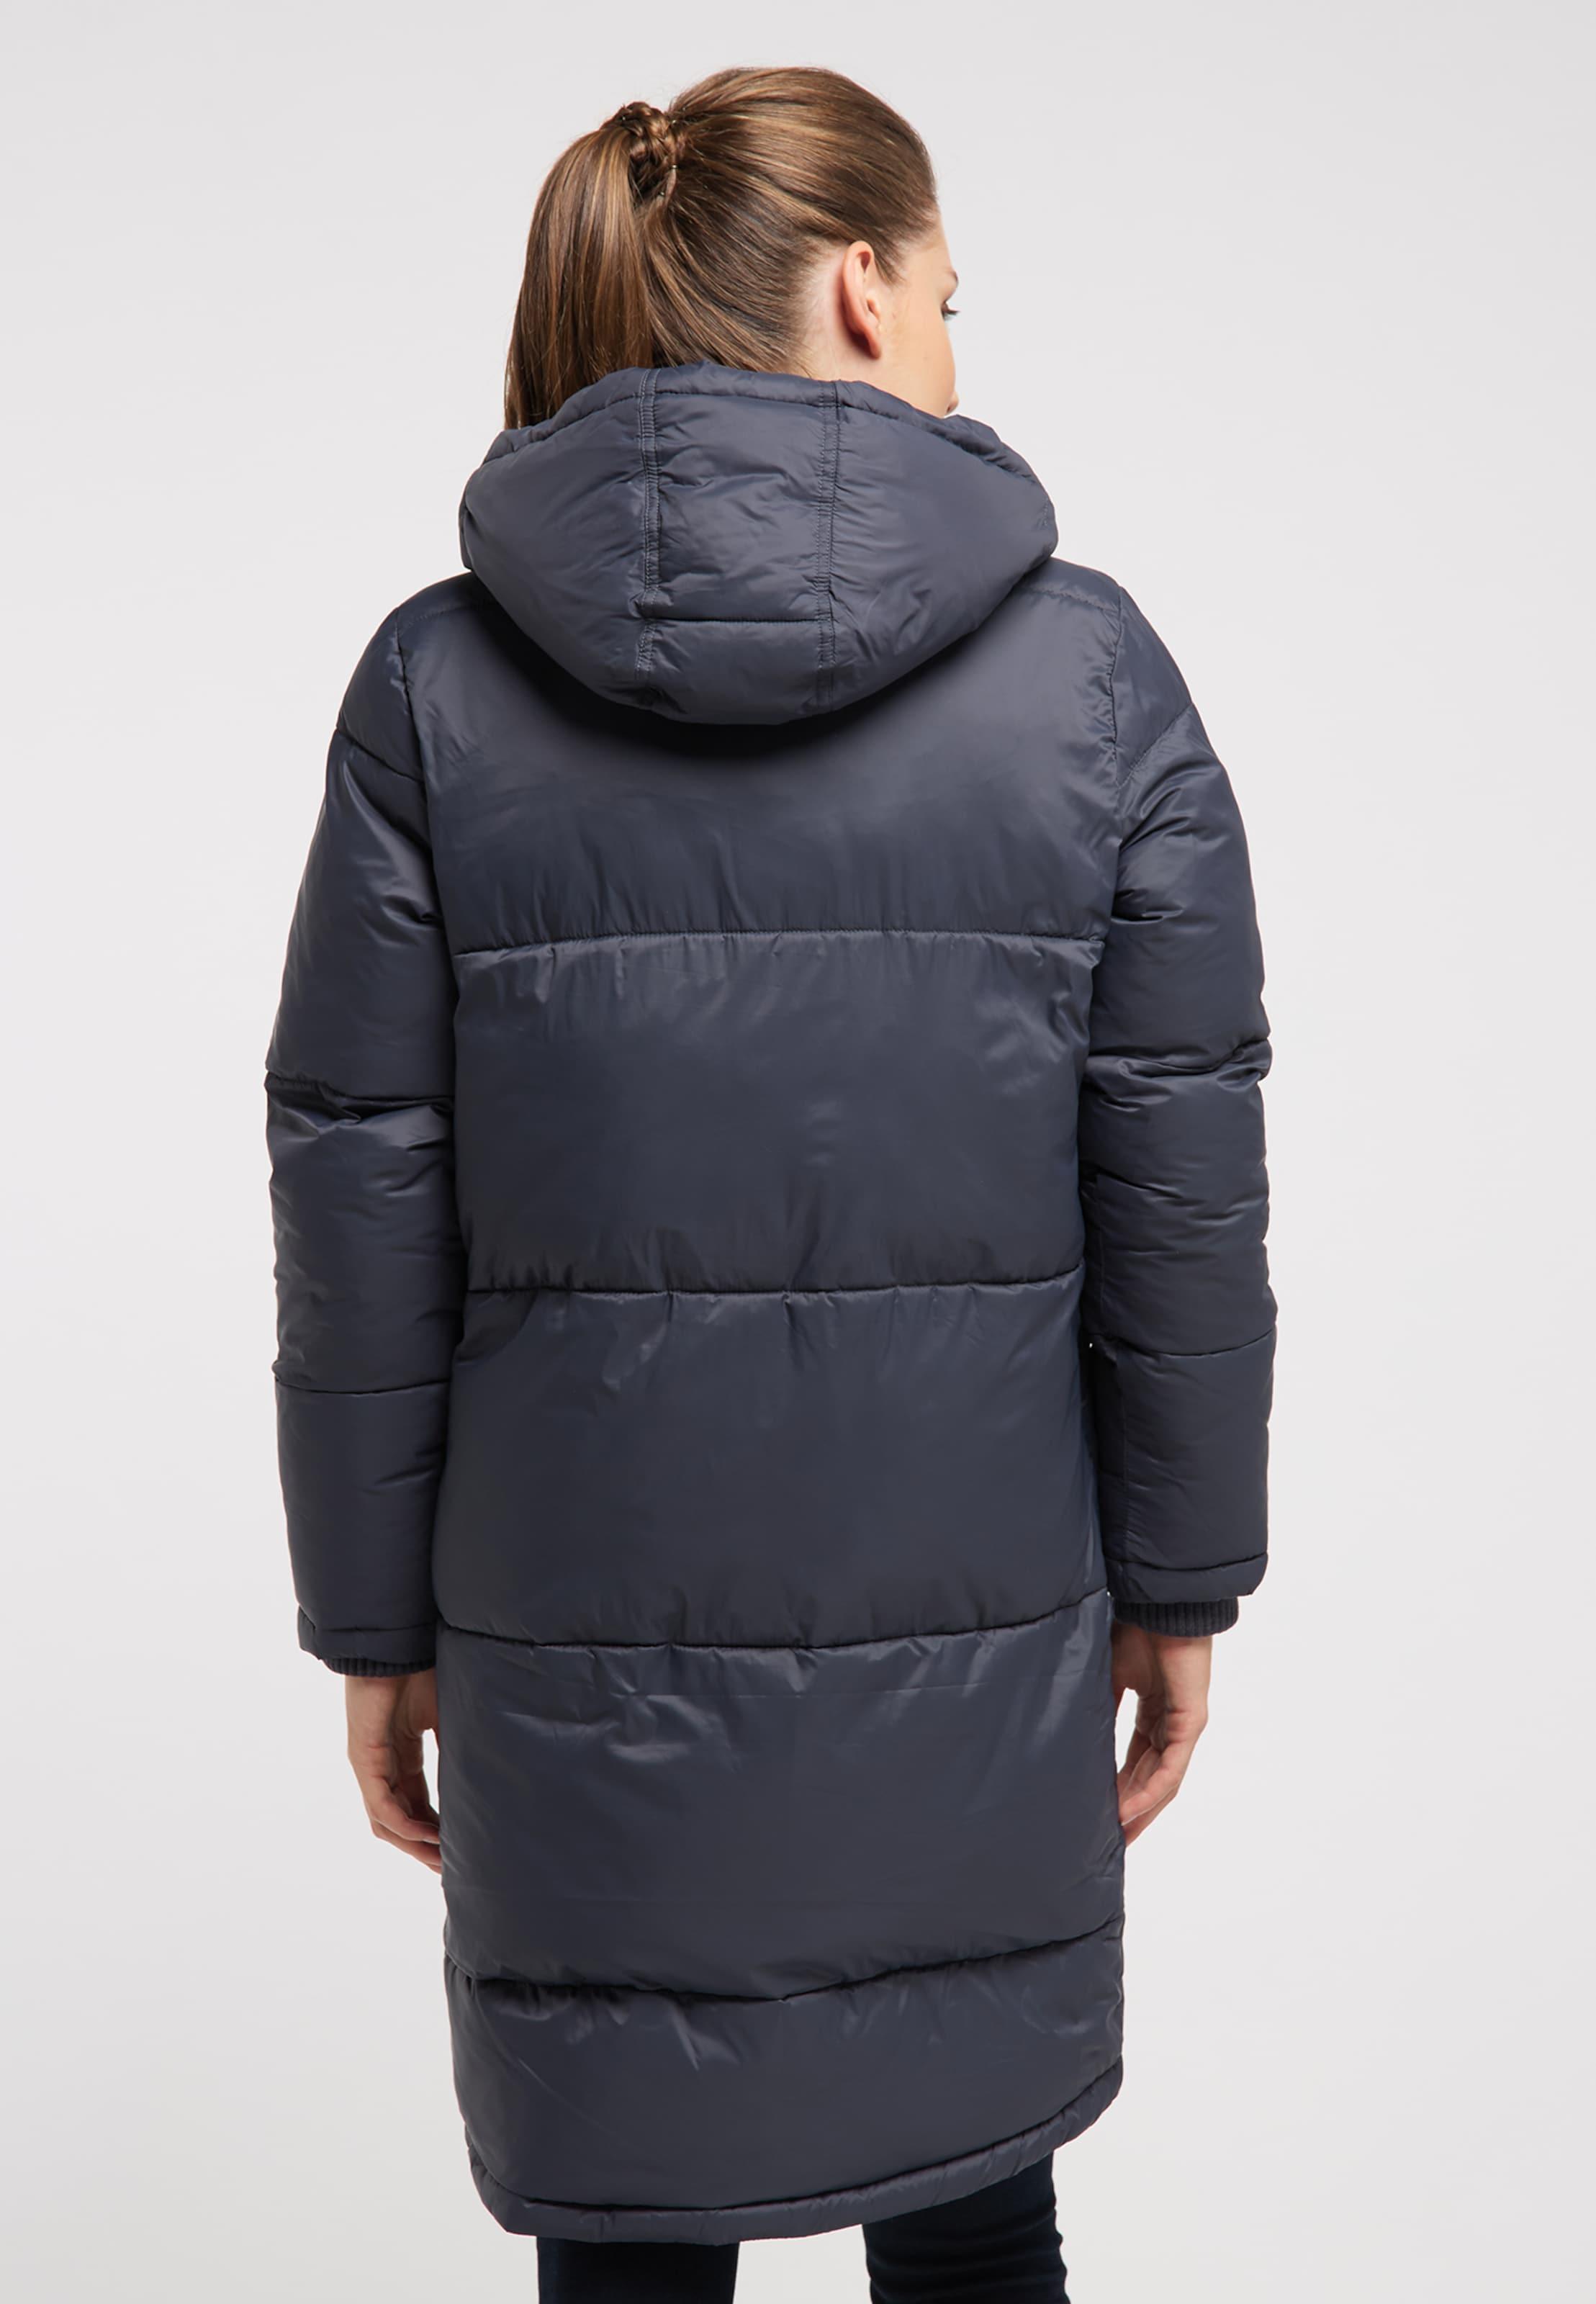 Bleu Bleu En Manteau Mymo D'hiver Manteau Mymo Mymo En D'hiver Manteau zpLVjqMSUG